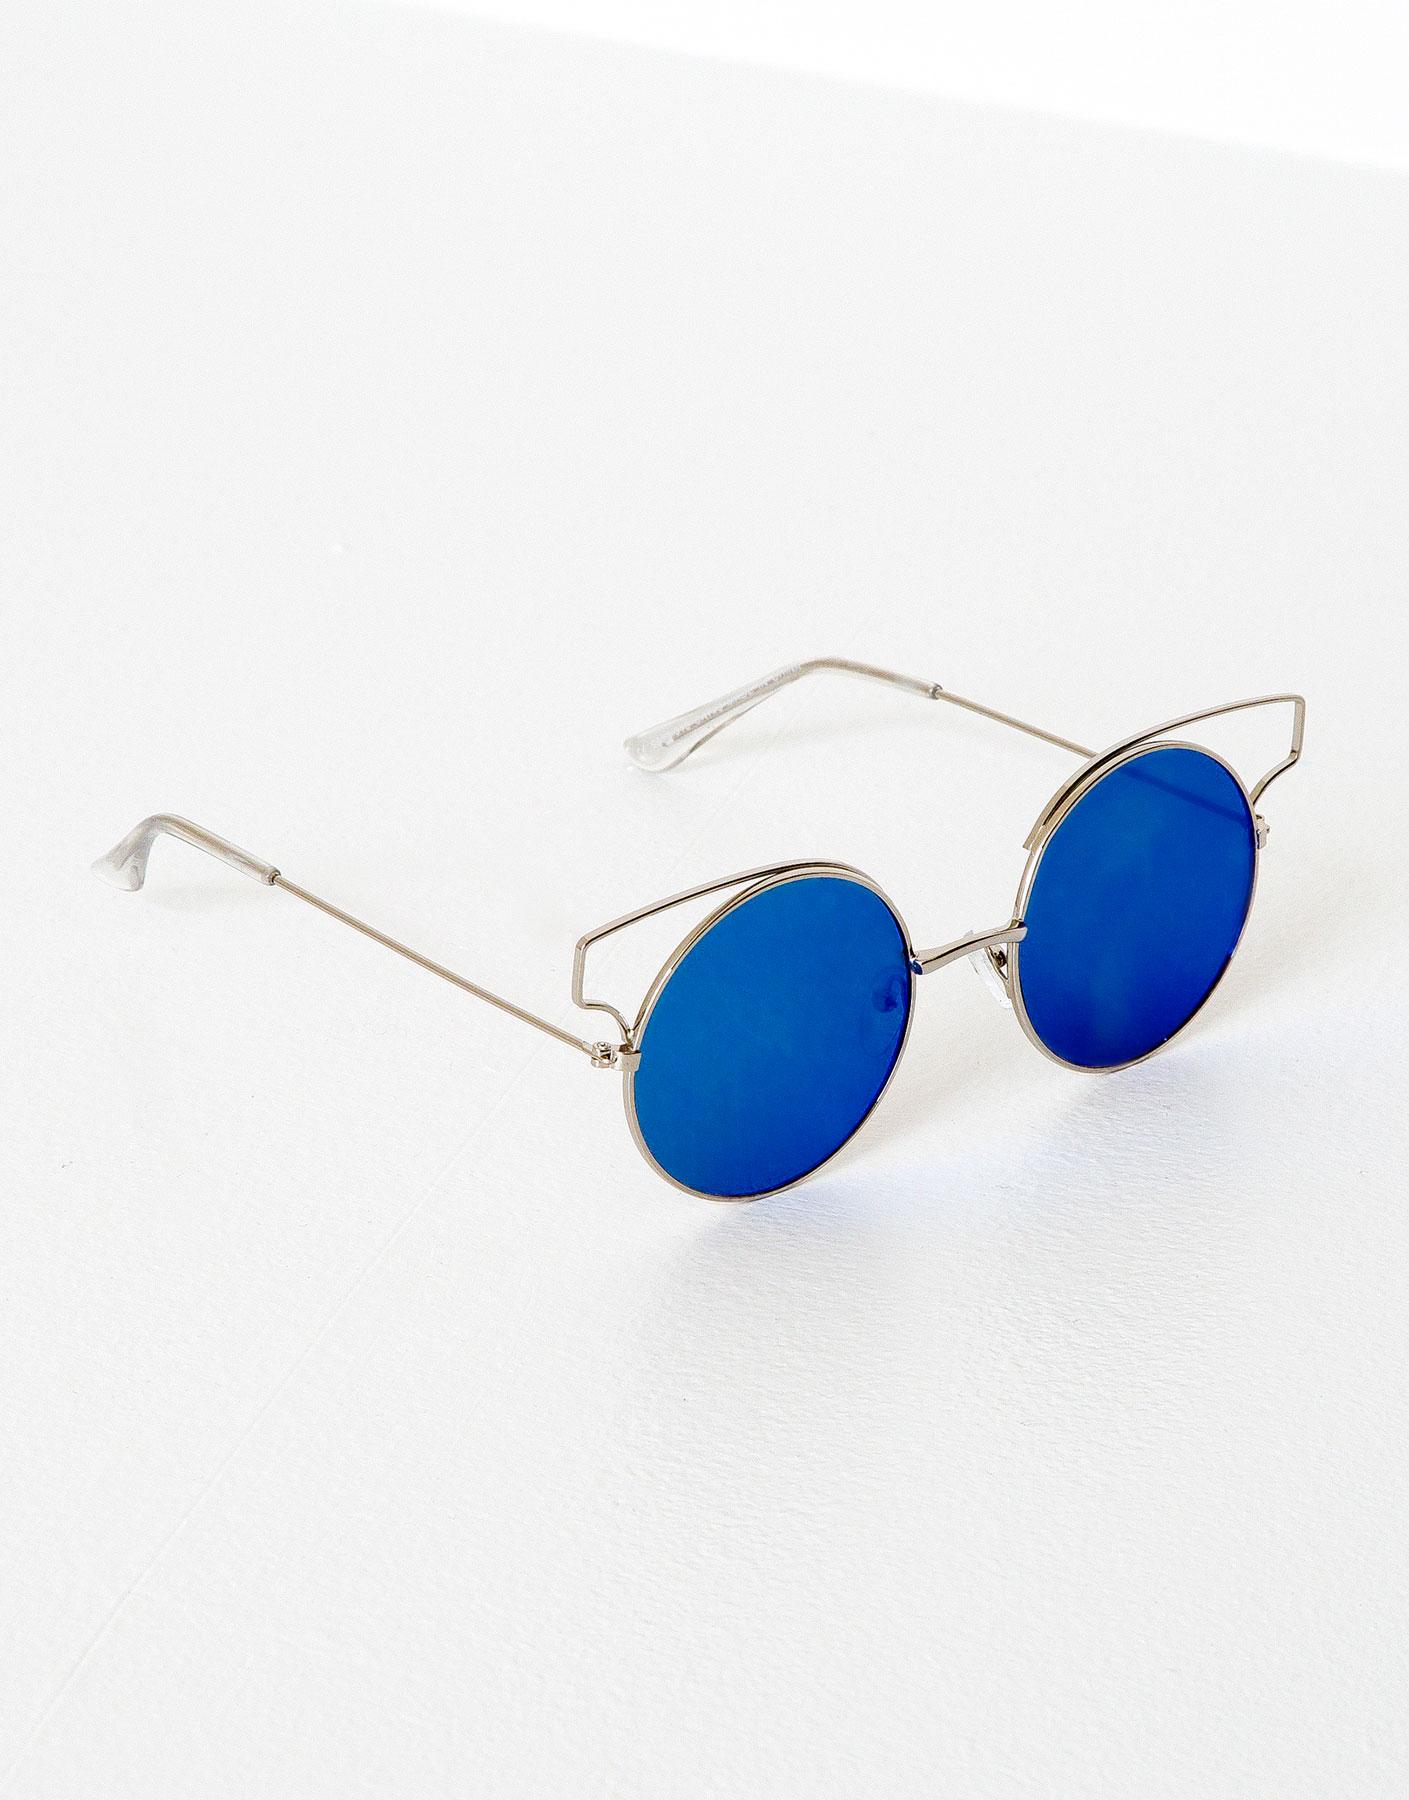 Round metallic mirrored sunglasses